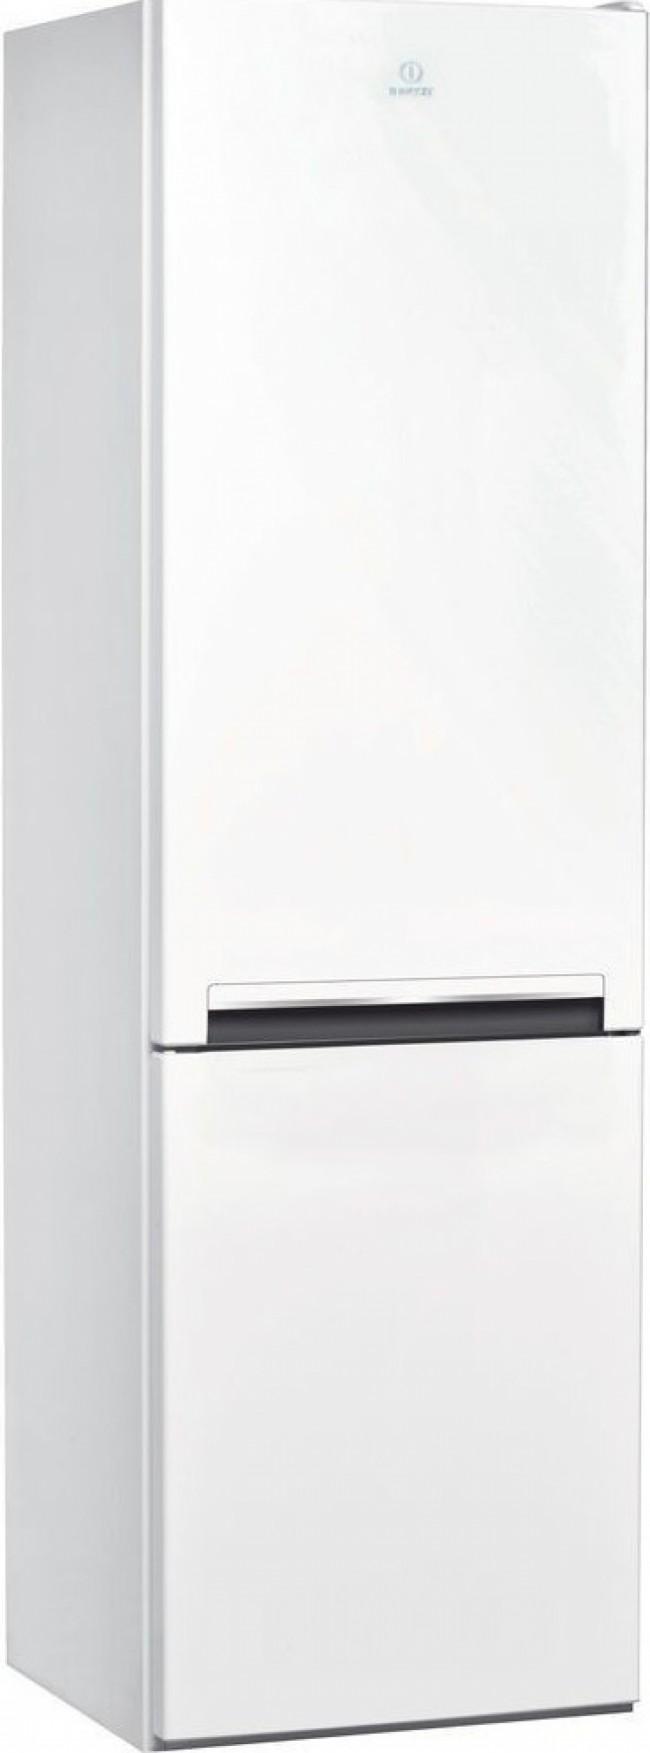 Хладилник Indesit LI8 S1W